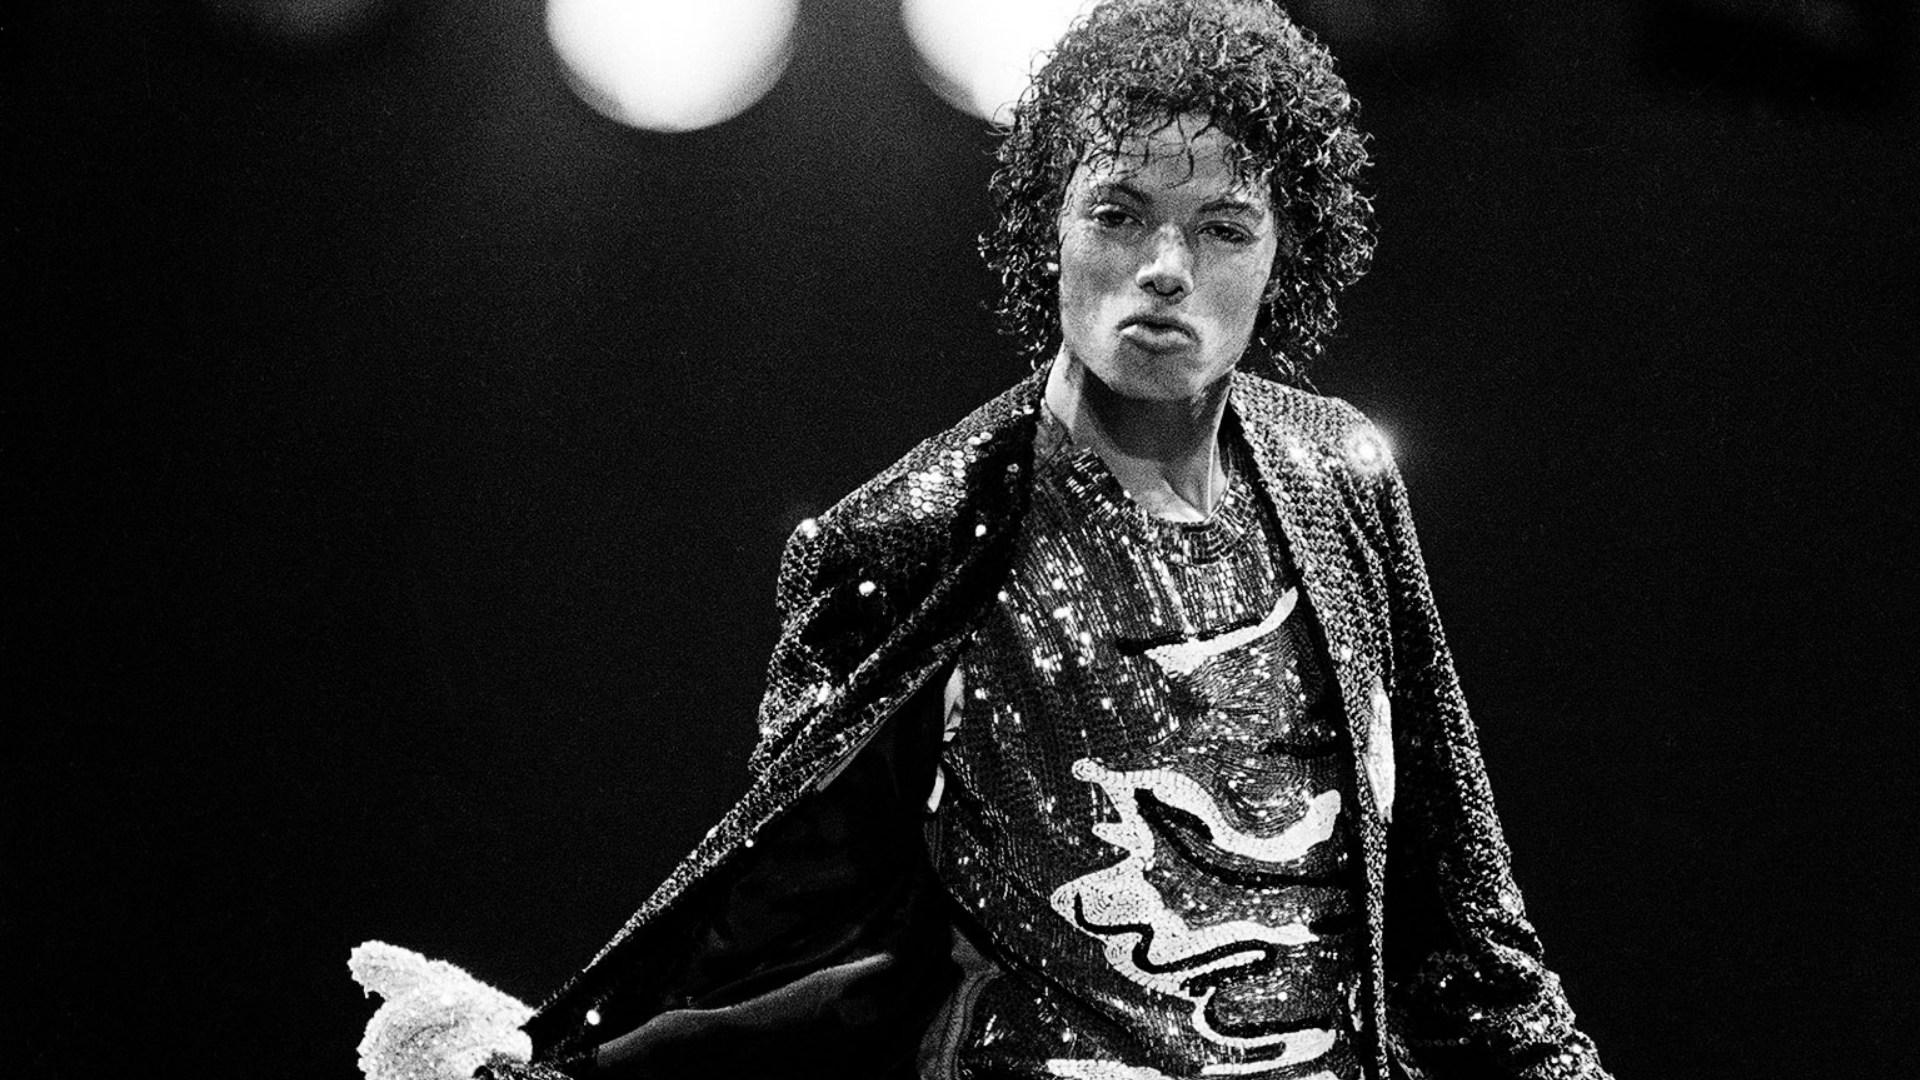 Michael Jackson - Billie Jean слова песни